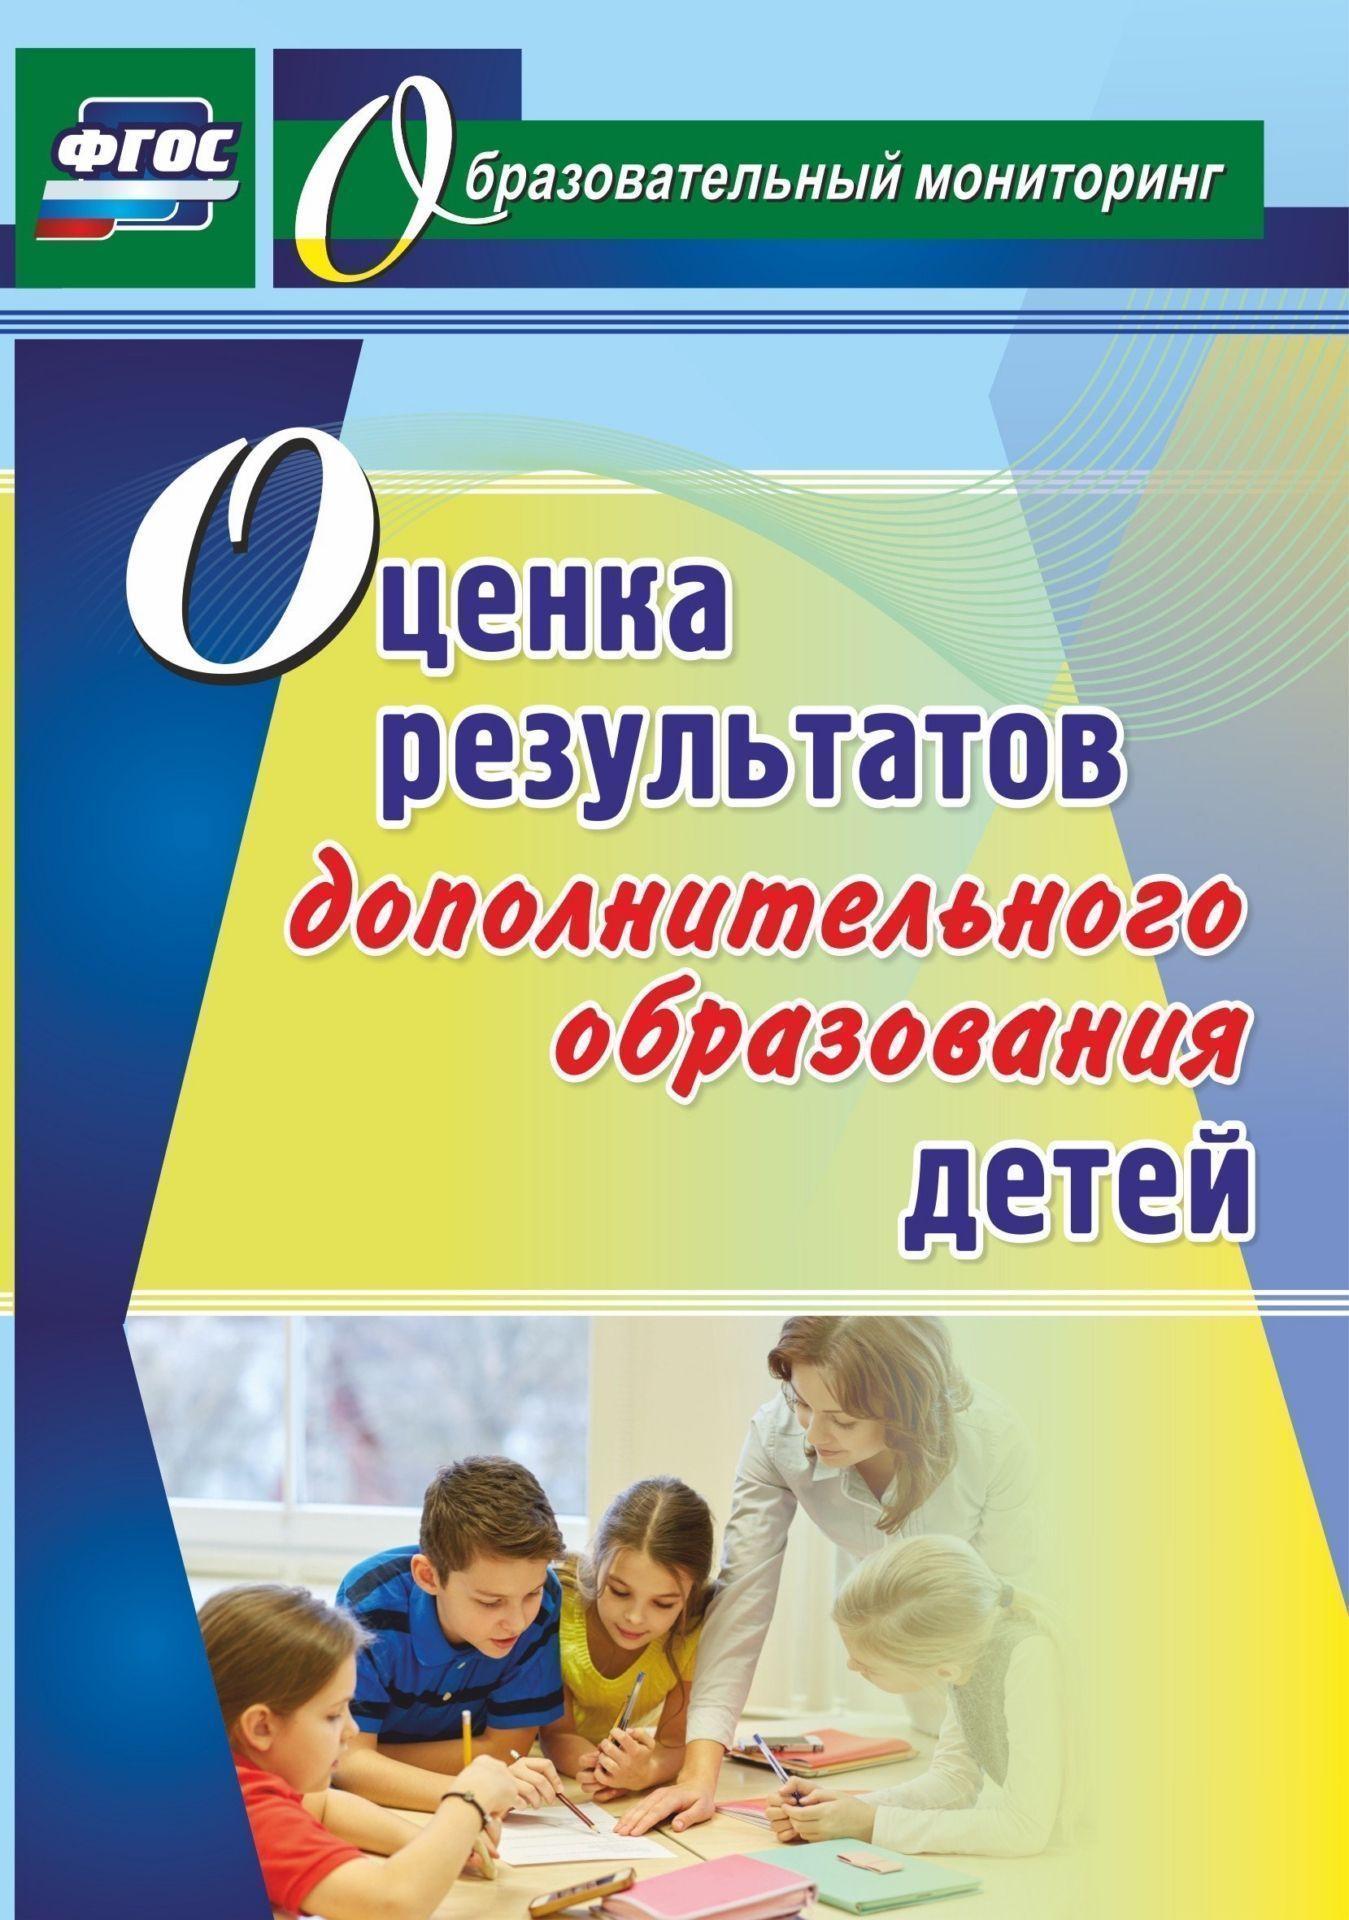 Купить со скидкой Оценка результатов дополнительного образования детей